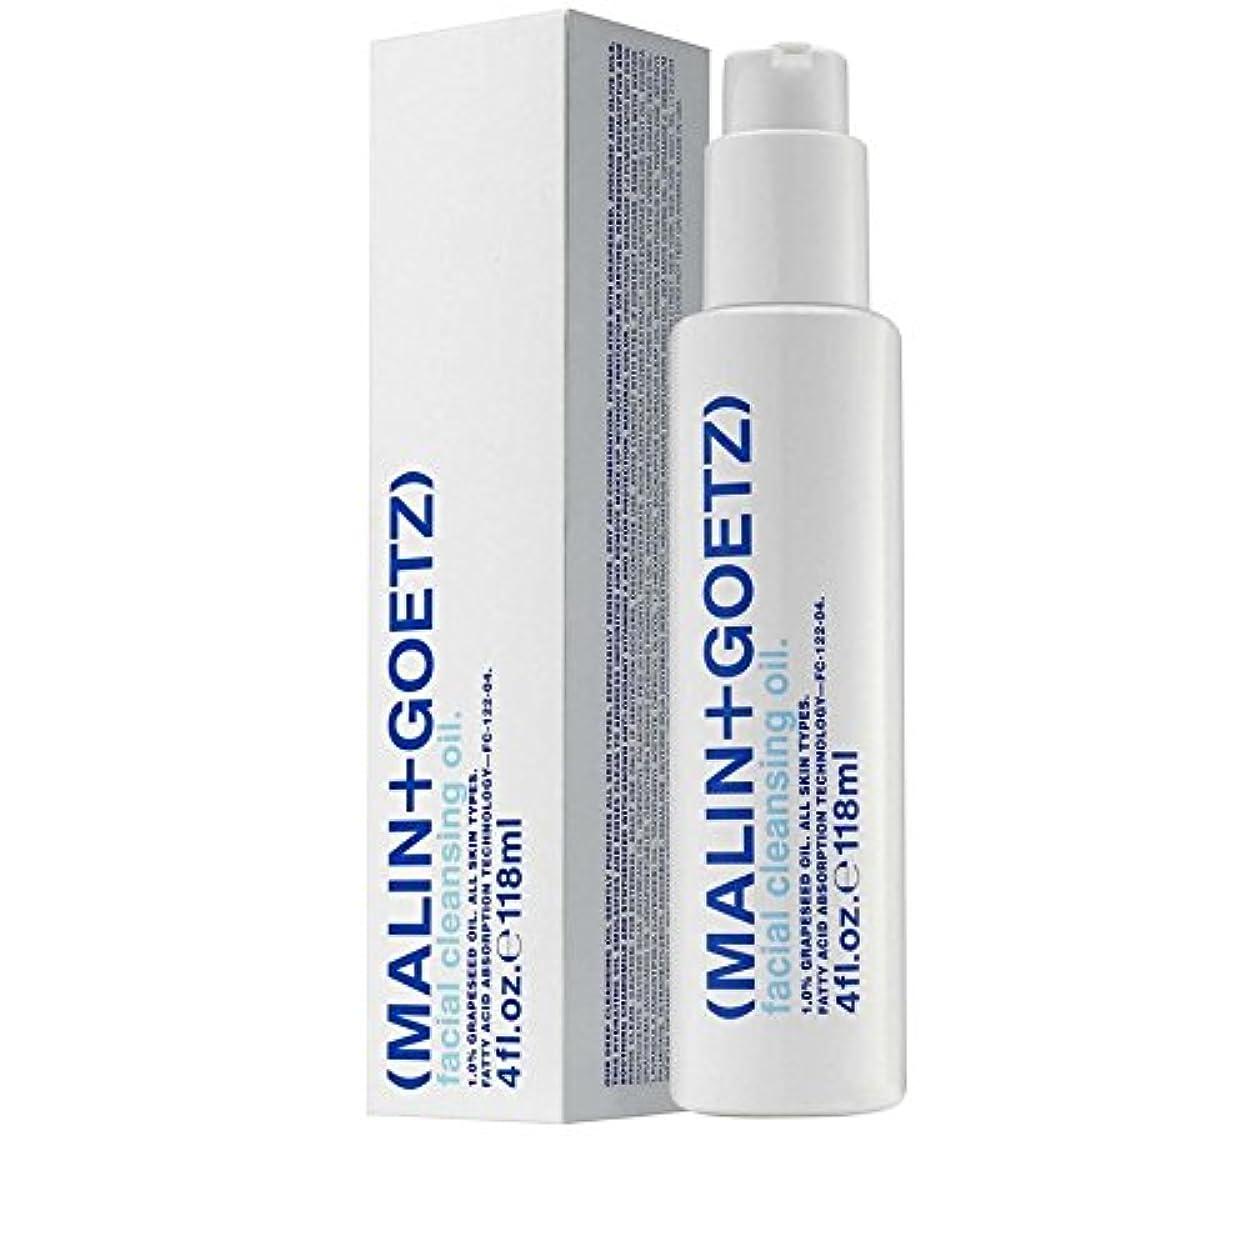 内陸予測子登場MALIN+GOETZ Facial Cleansing Oil 118ml (Pack of 6) - マリン+ゲッツ洗顔オイル118ミリリットル x6 [並行輸入品]